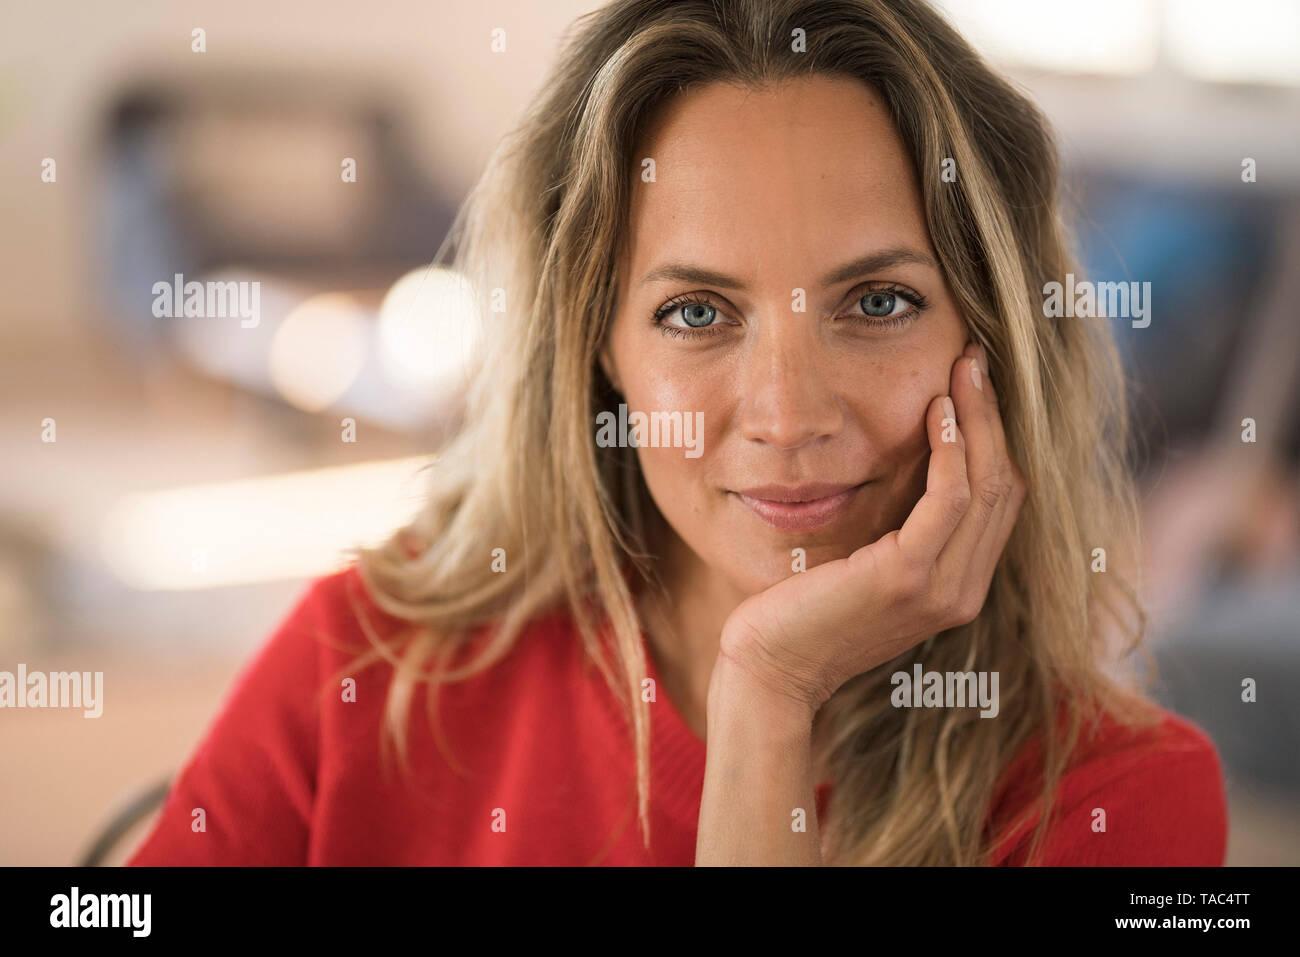 Retrato de mujer rubia sonriente descansar su cabeza en la mano Foto de stock